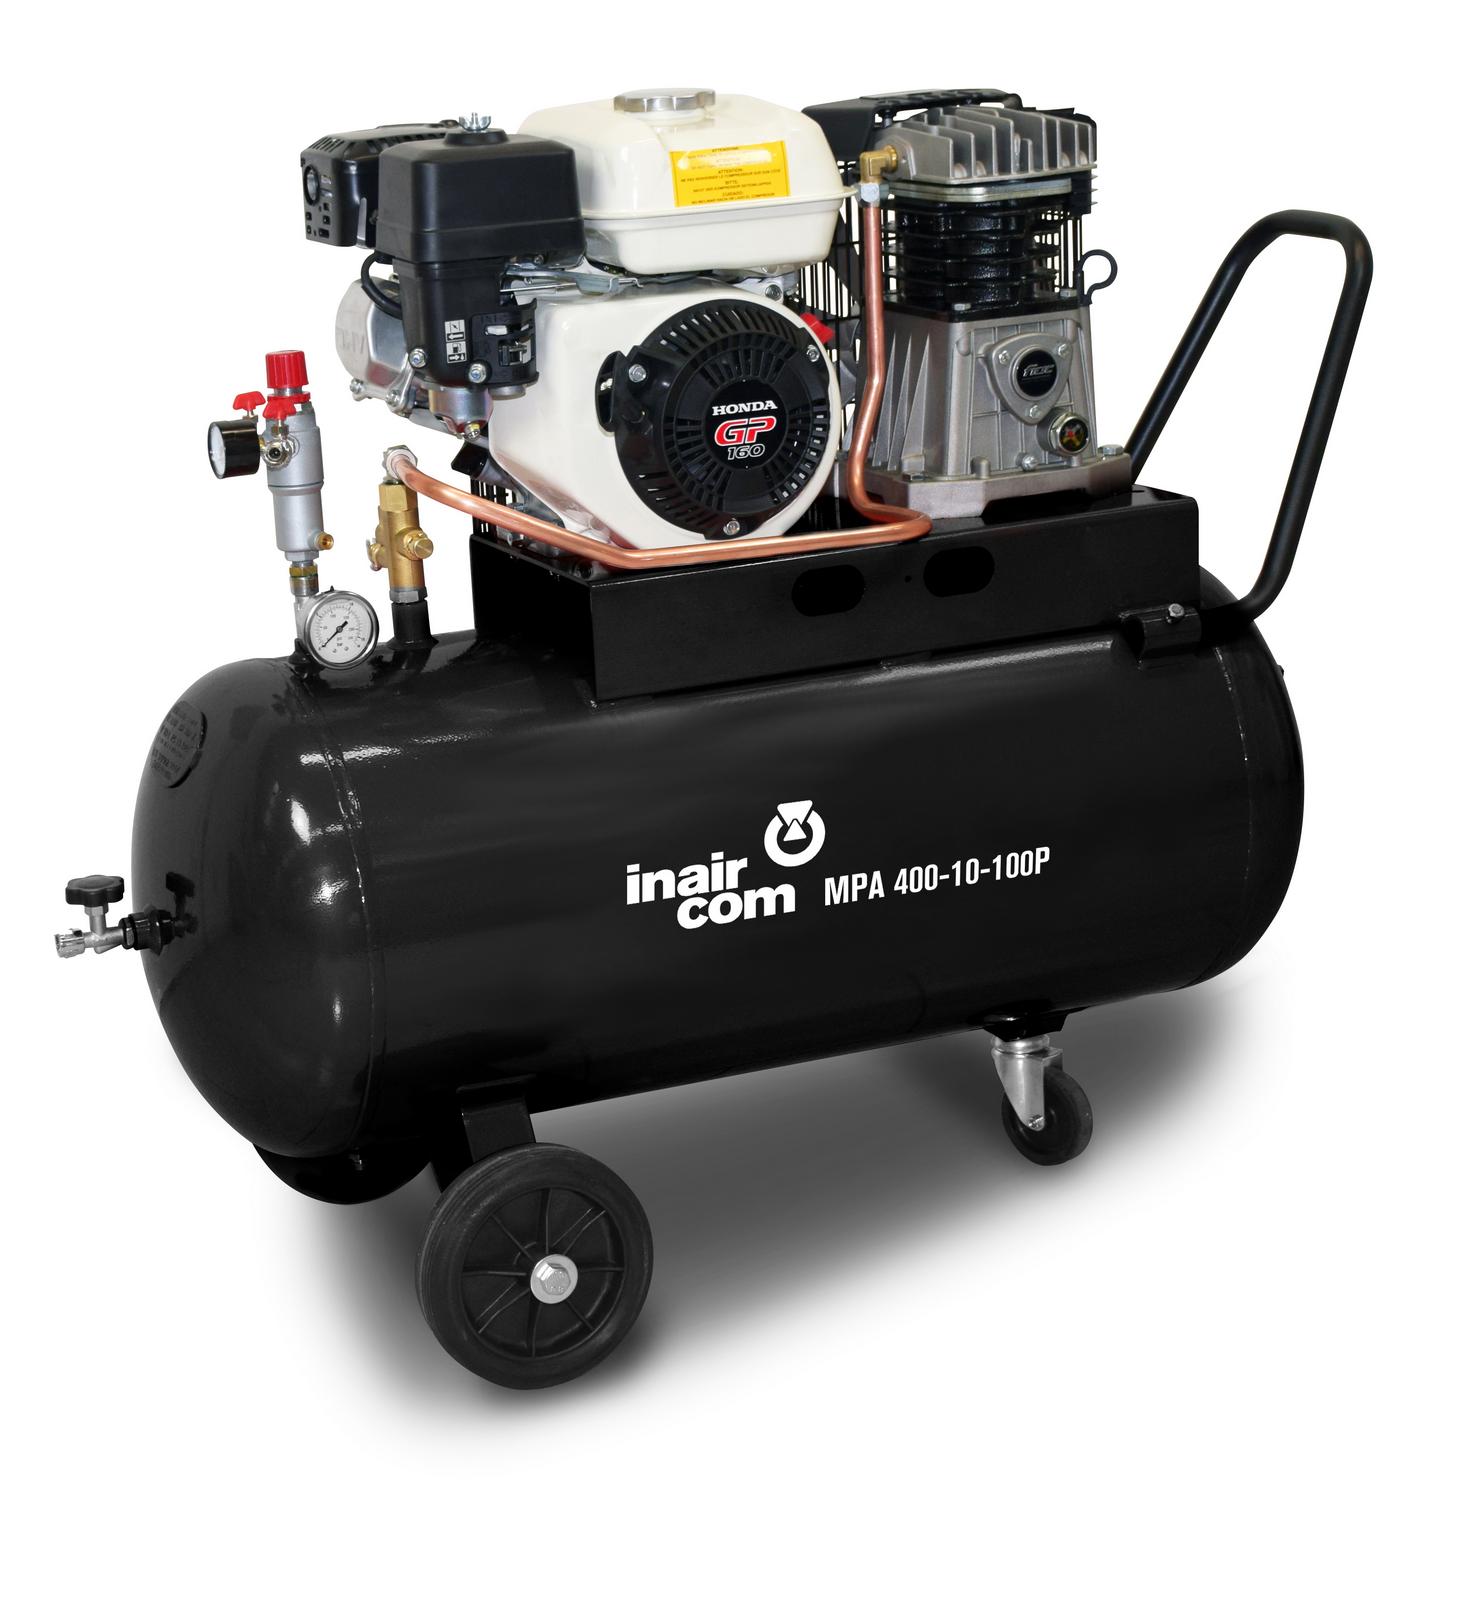 MPA 400-10-100P - Pojízdný pístový benzinový kompresor Mobil Petrol Air